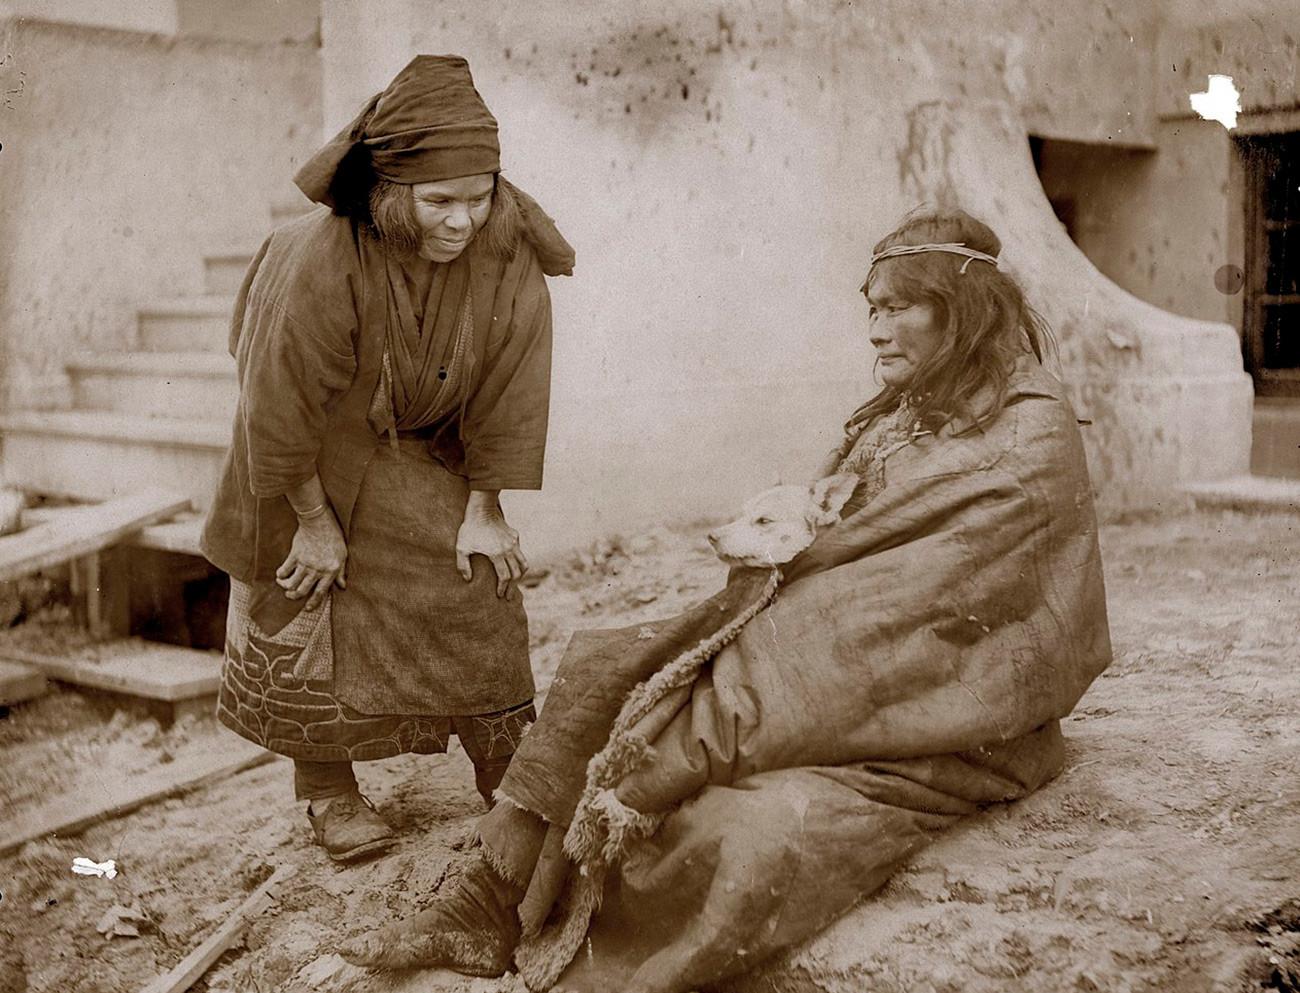 Жене из народа Аину.